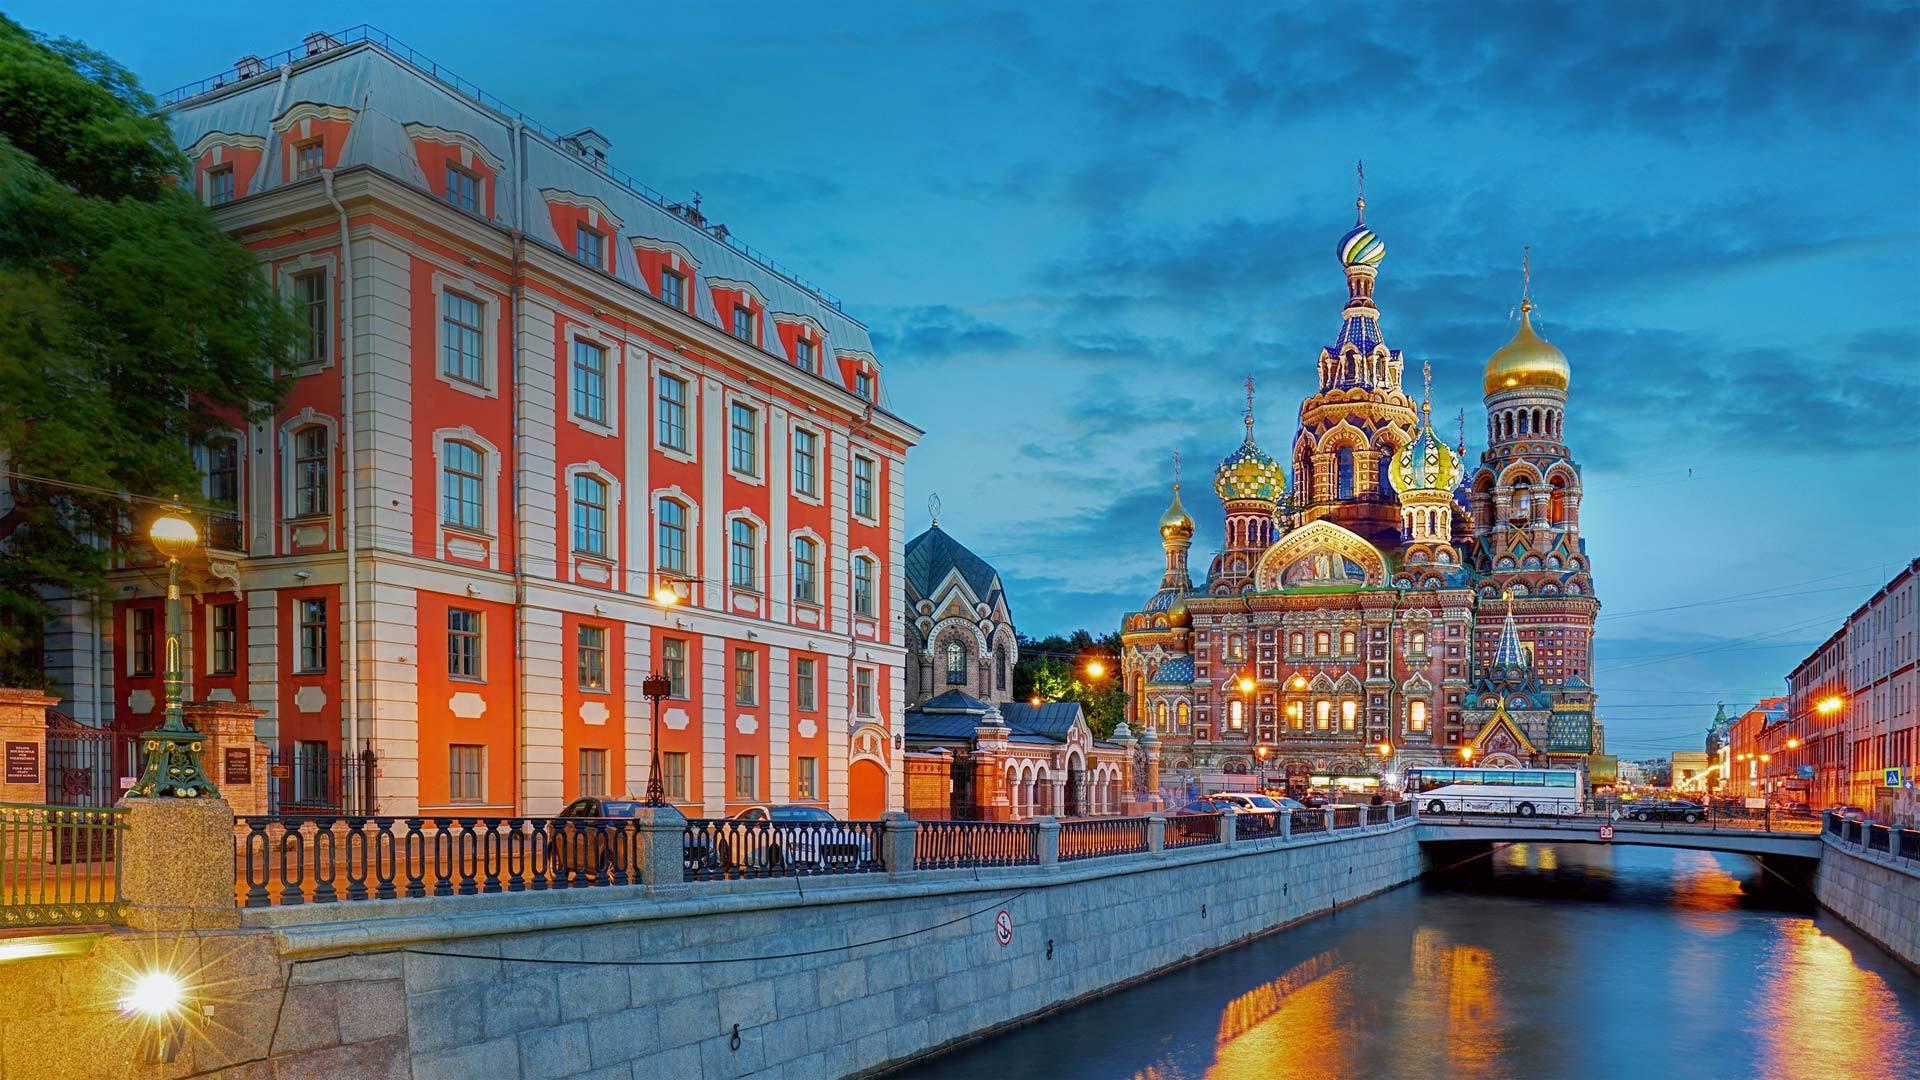 格里博耶多夫运河和滴血救世主教堂滴血救世主教堂